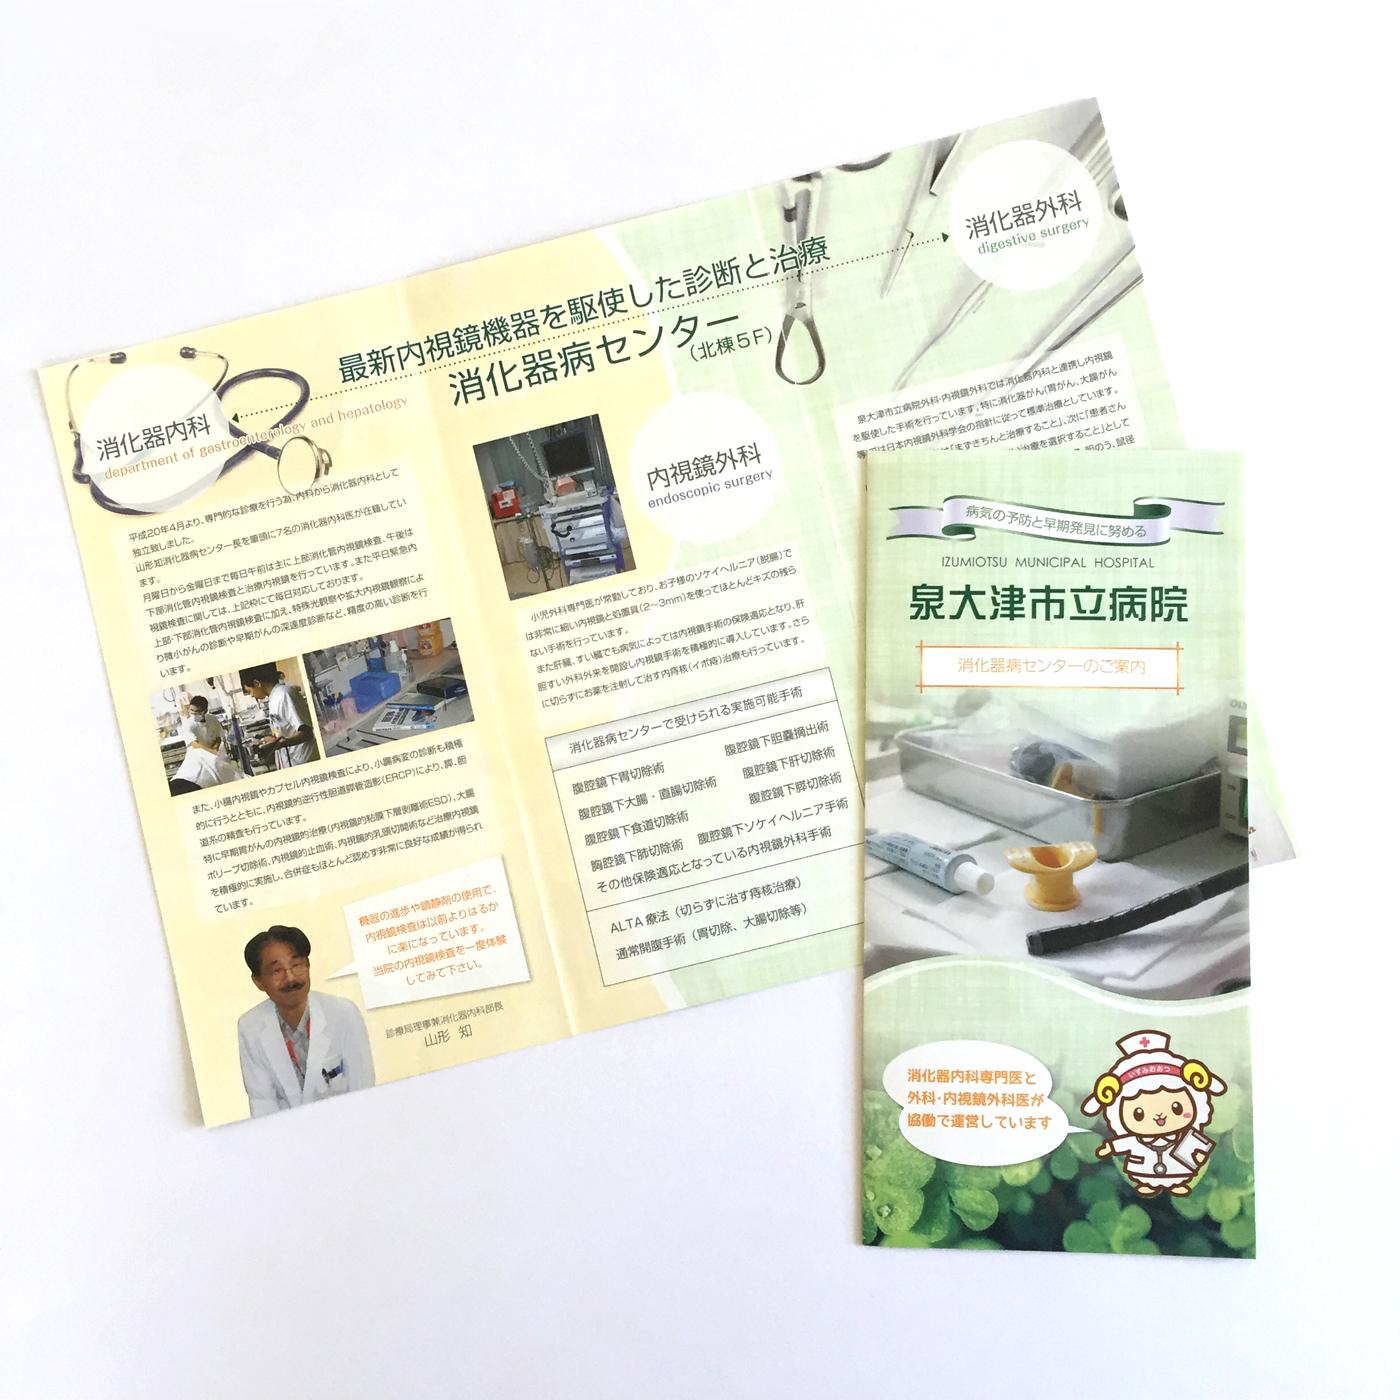 泉大津市立病院 消化器病センターリーフレット